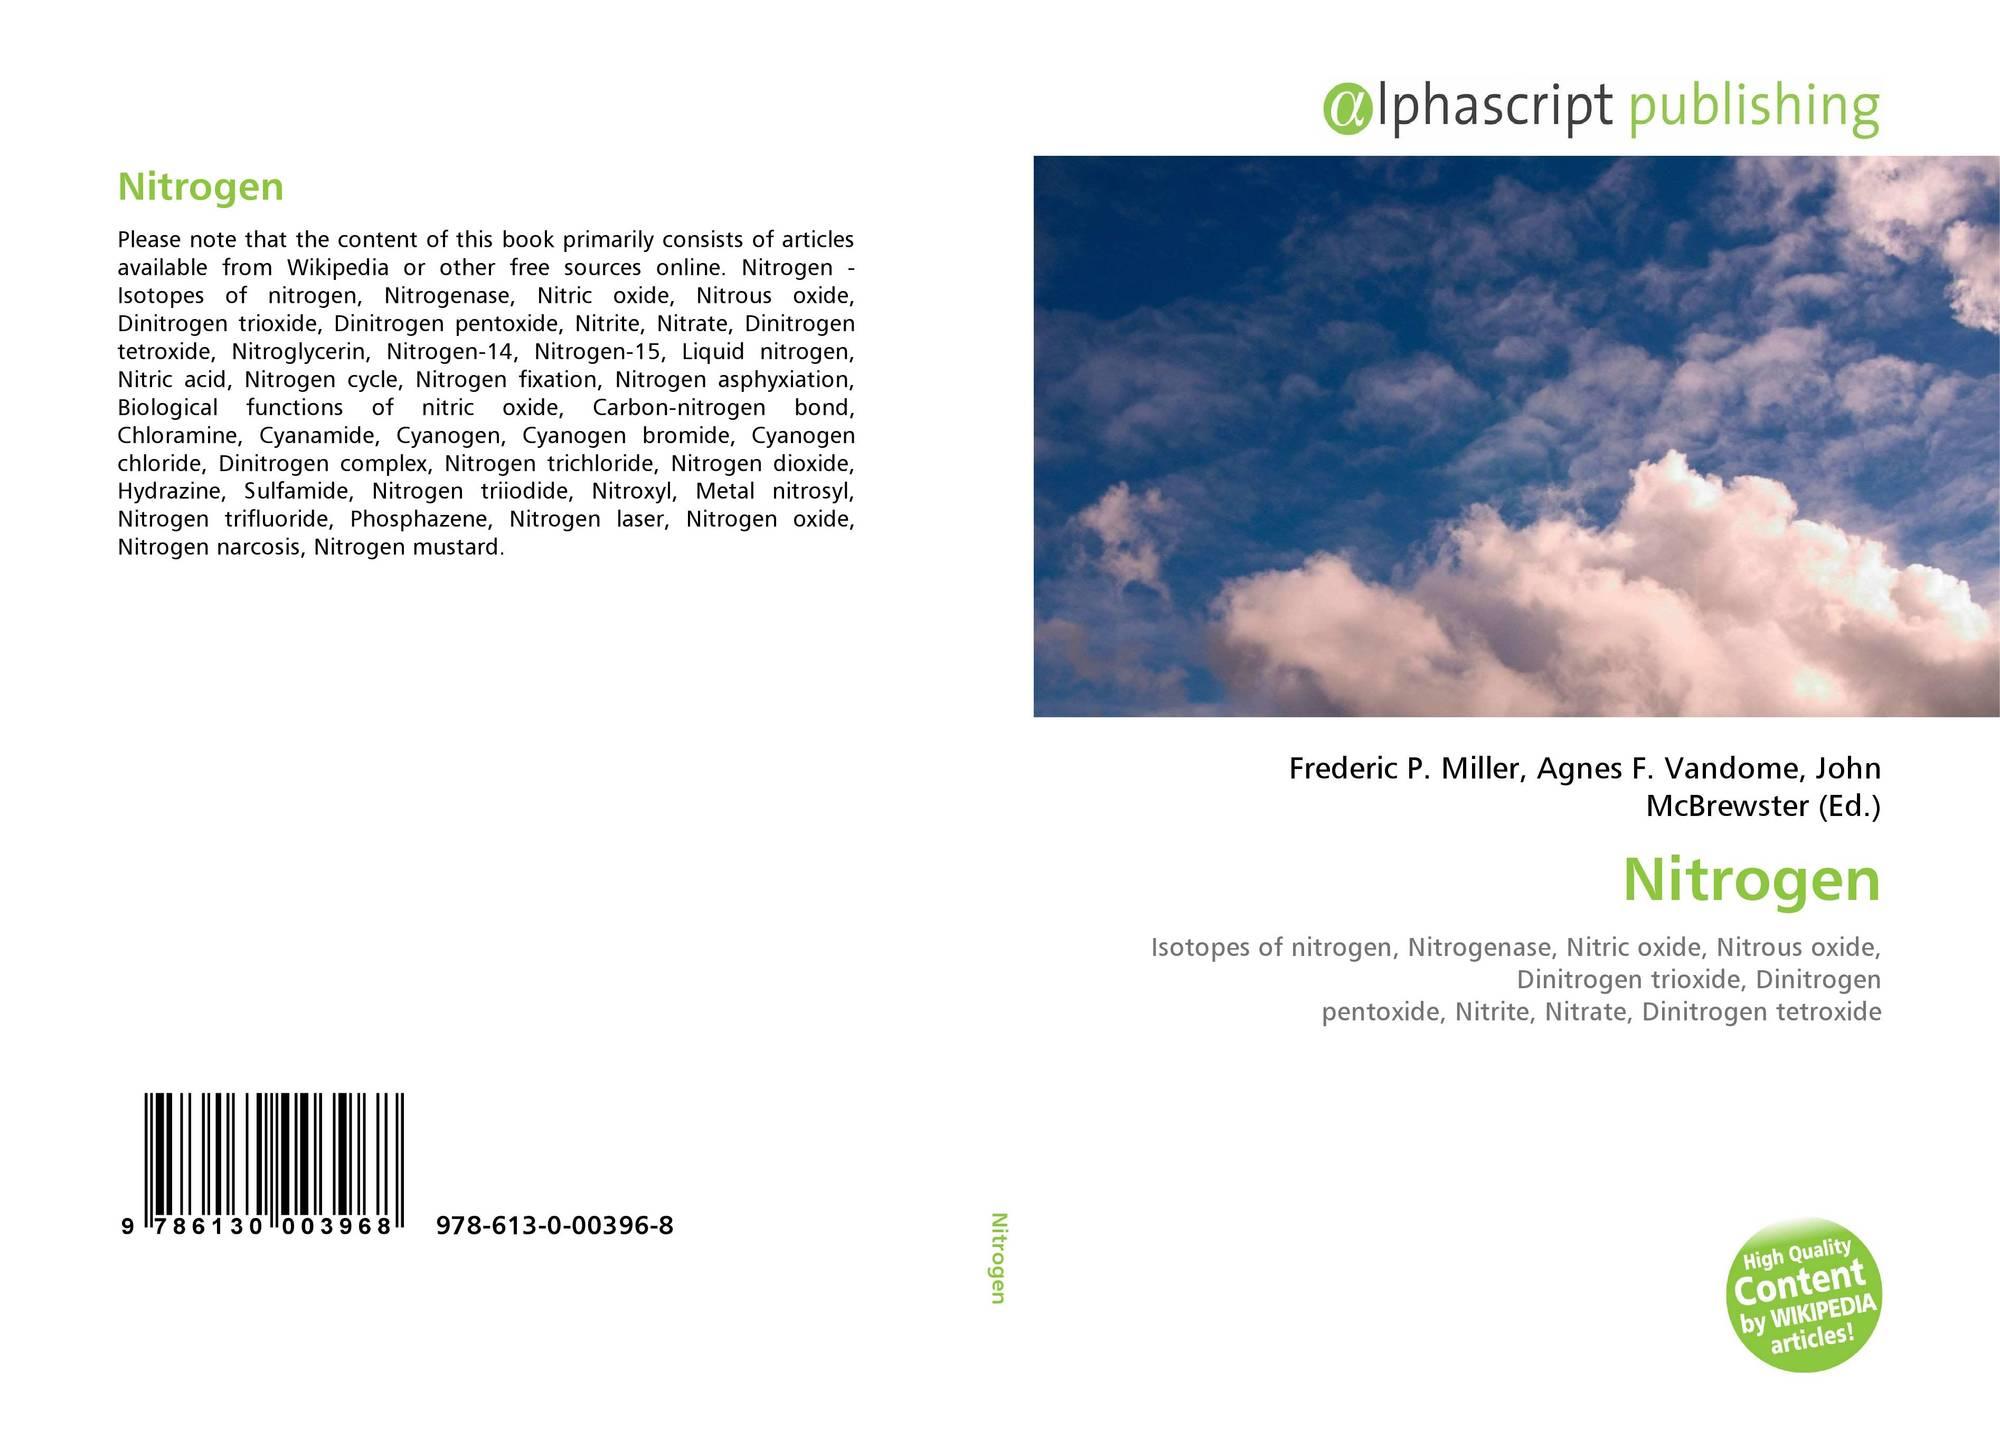 Résultats de la recherche pour nitrosyl fluoroborate